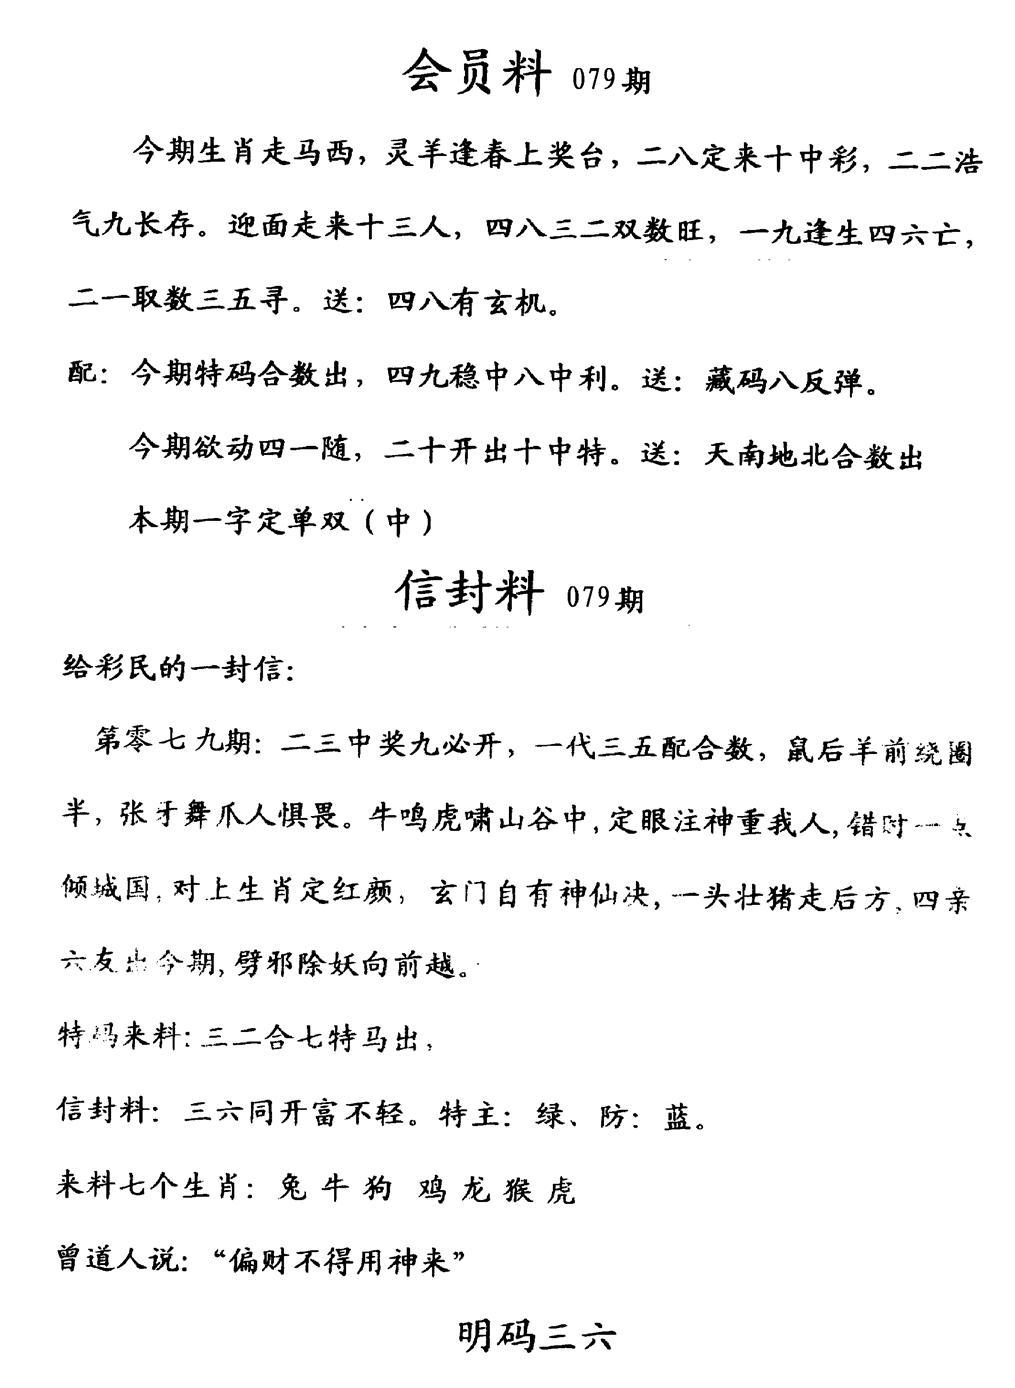 079期彩民信封料(早图)(黑白)